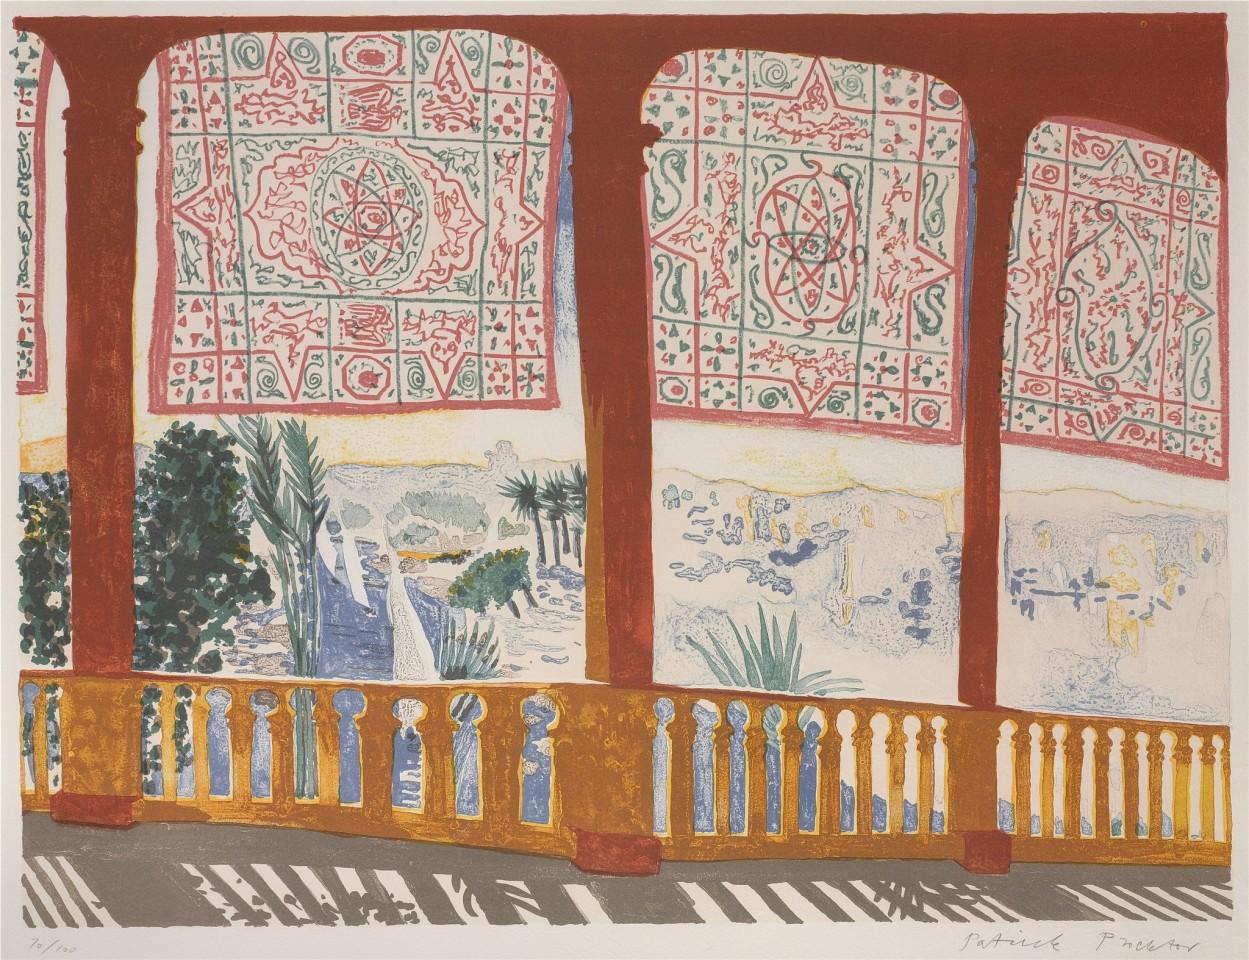 Patrick Procktor, Cataract, Aswan, 1985  £3,000.00